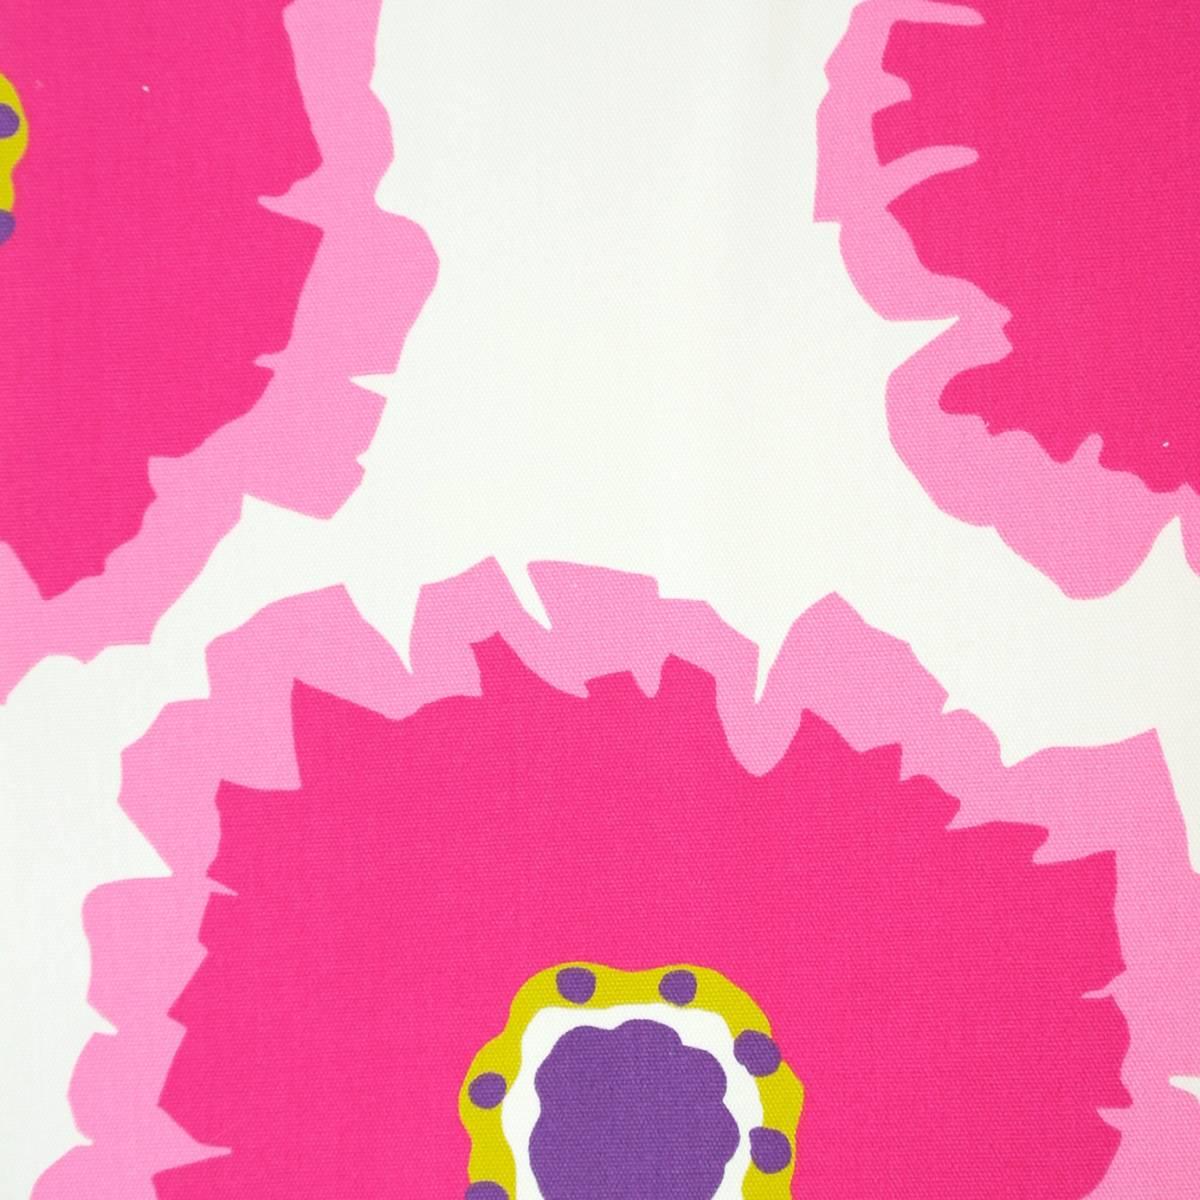 Papavera Fabric Cream Fuchsia 224613 Sanderson Home